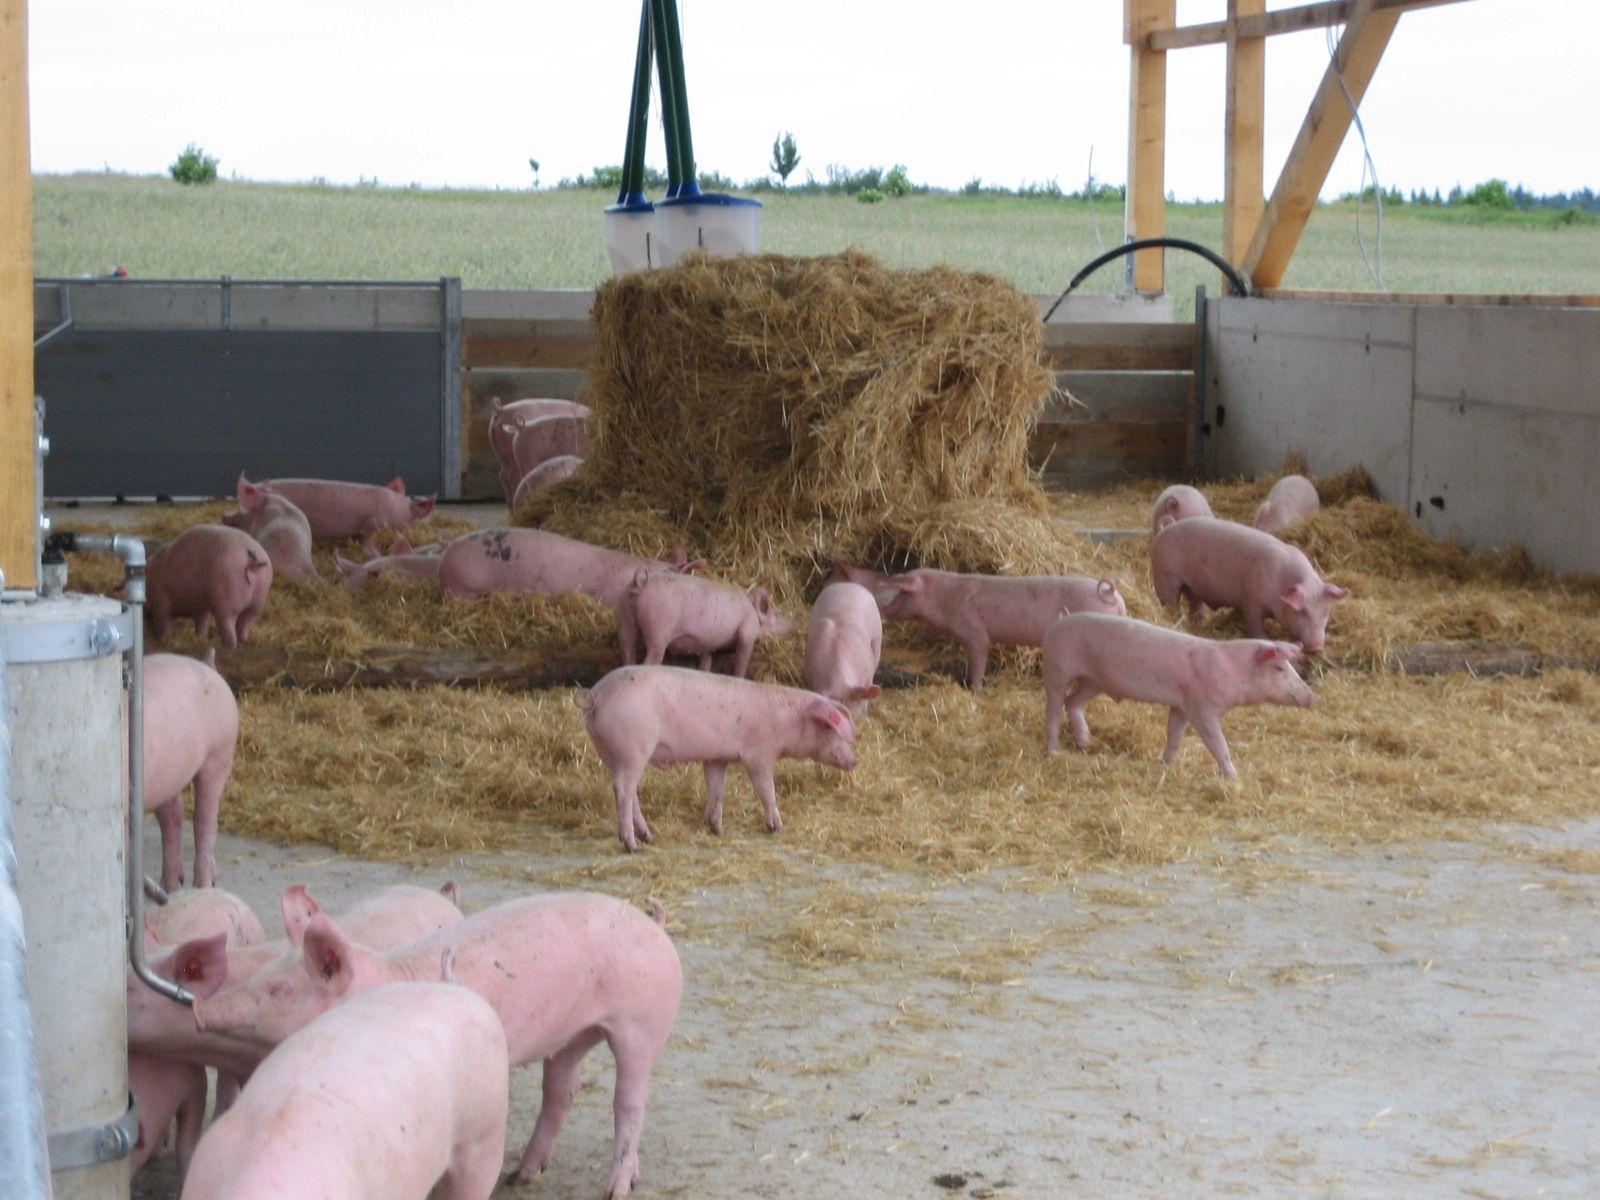 schweine bio mast bio schweinemast waldviertler genuss schmiede. Black Bedroom Furniture Sets. Home Design Ideas